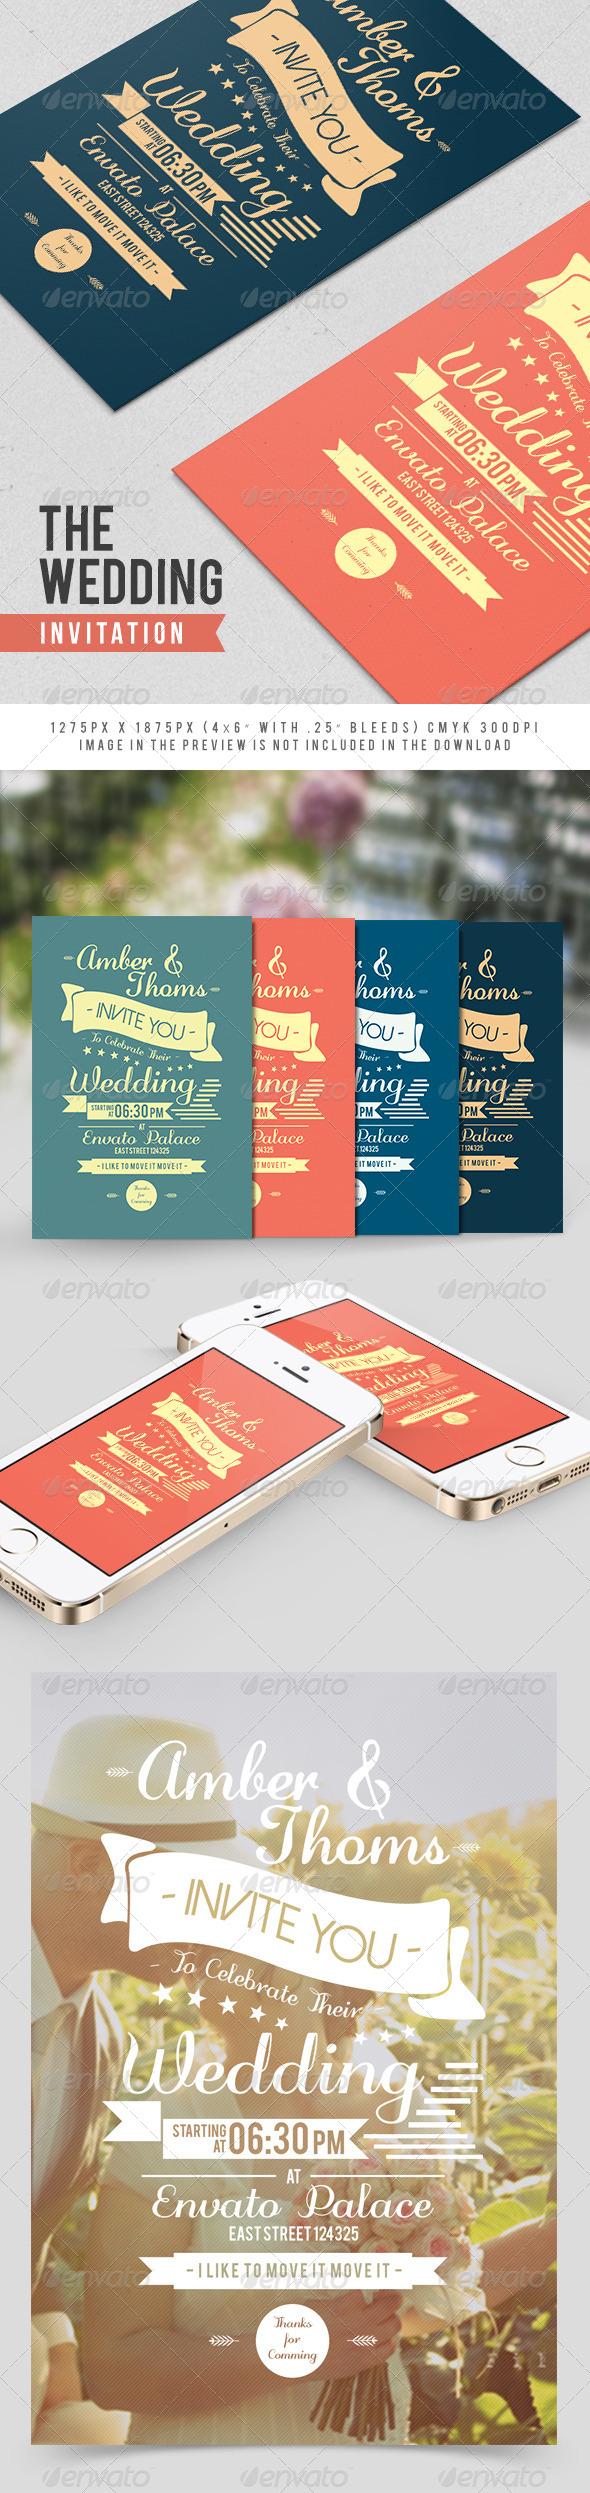 GraphicRiver The Wedding Invitation 7793774